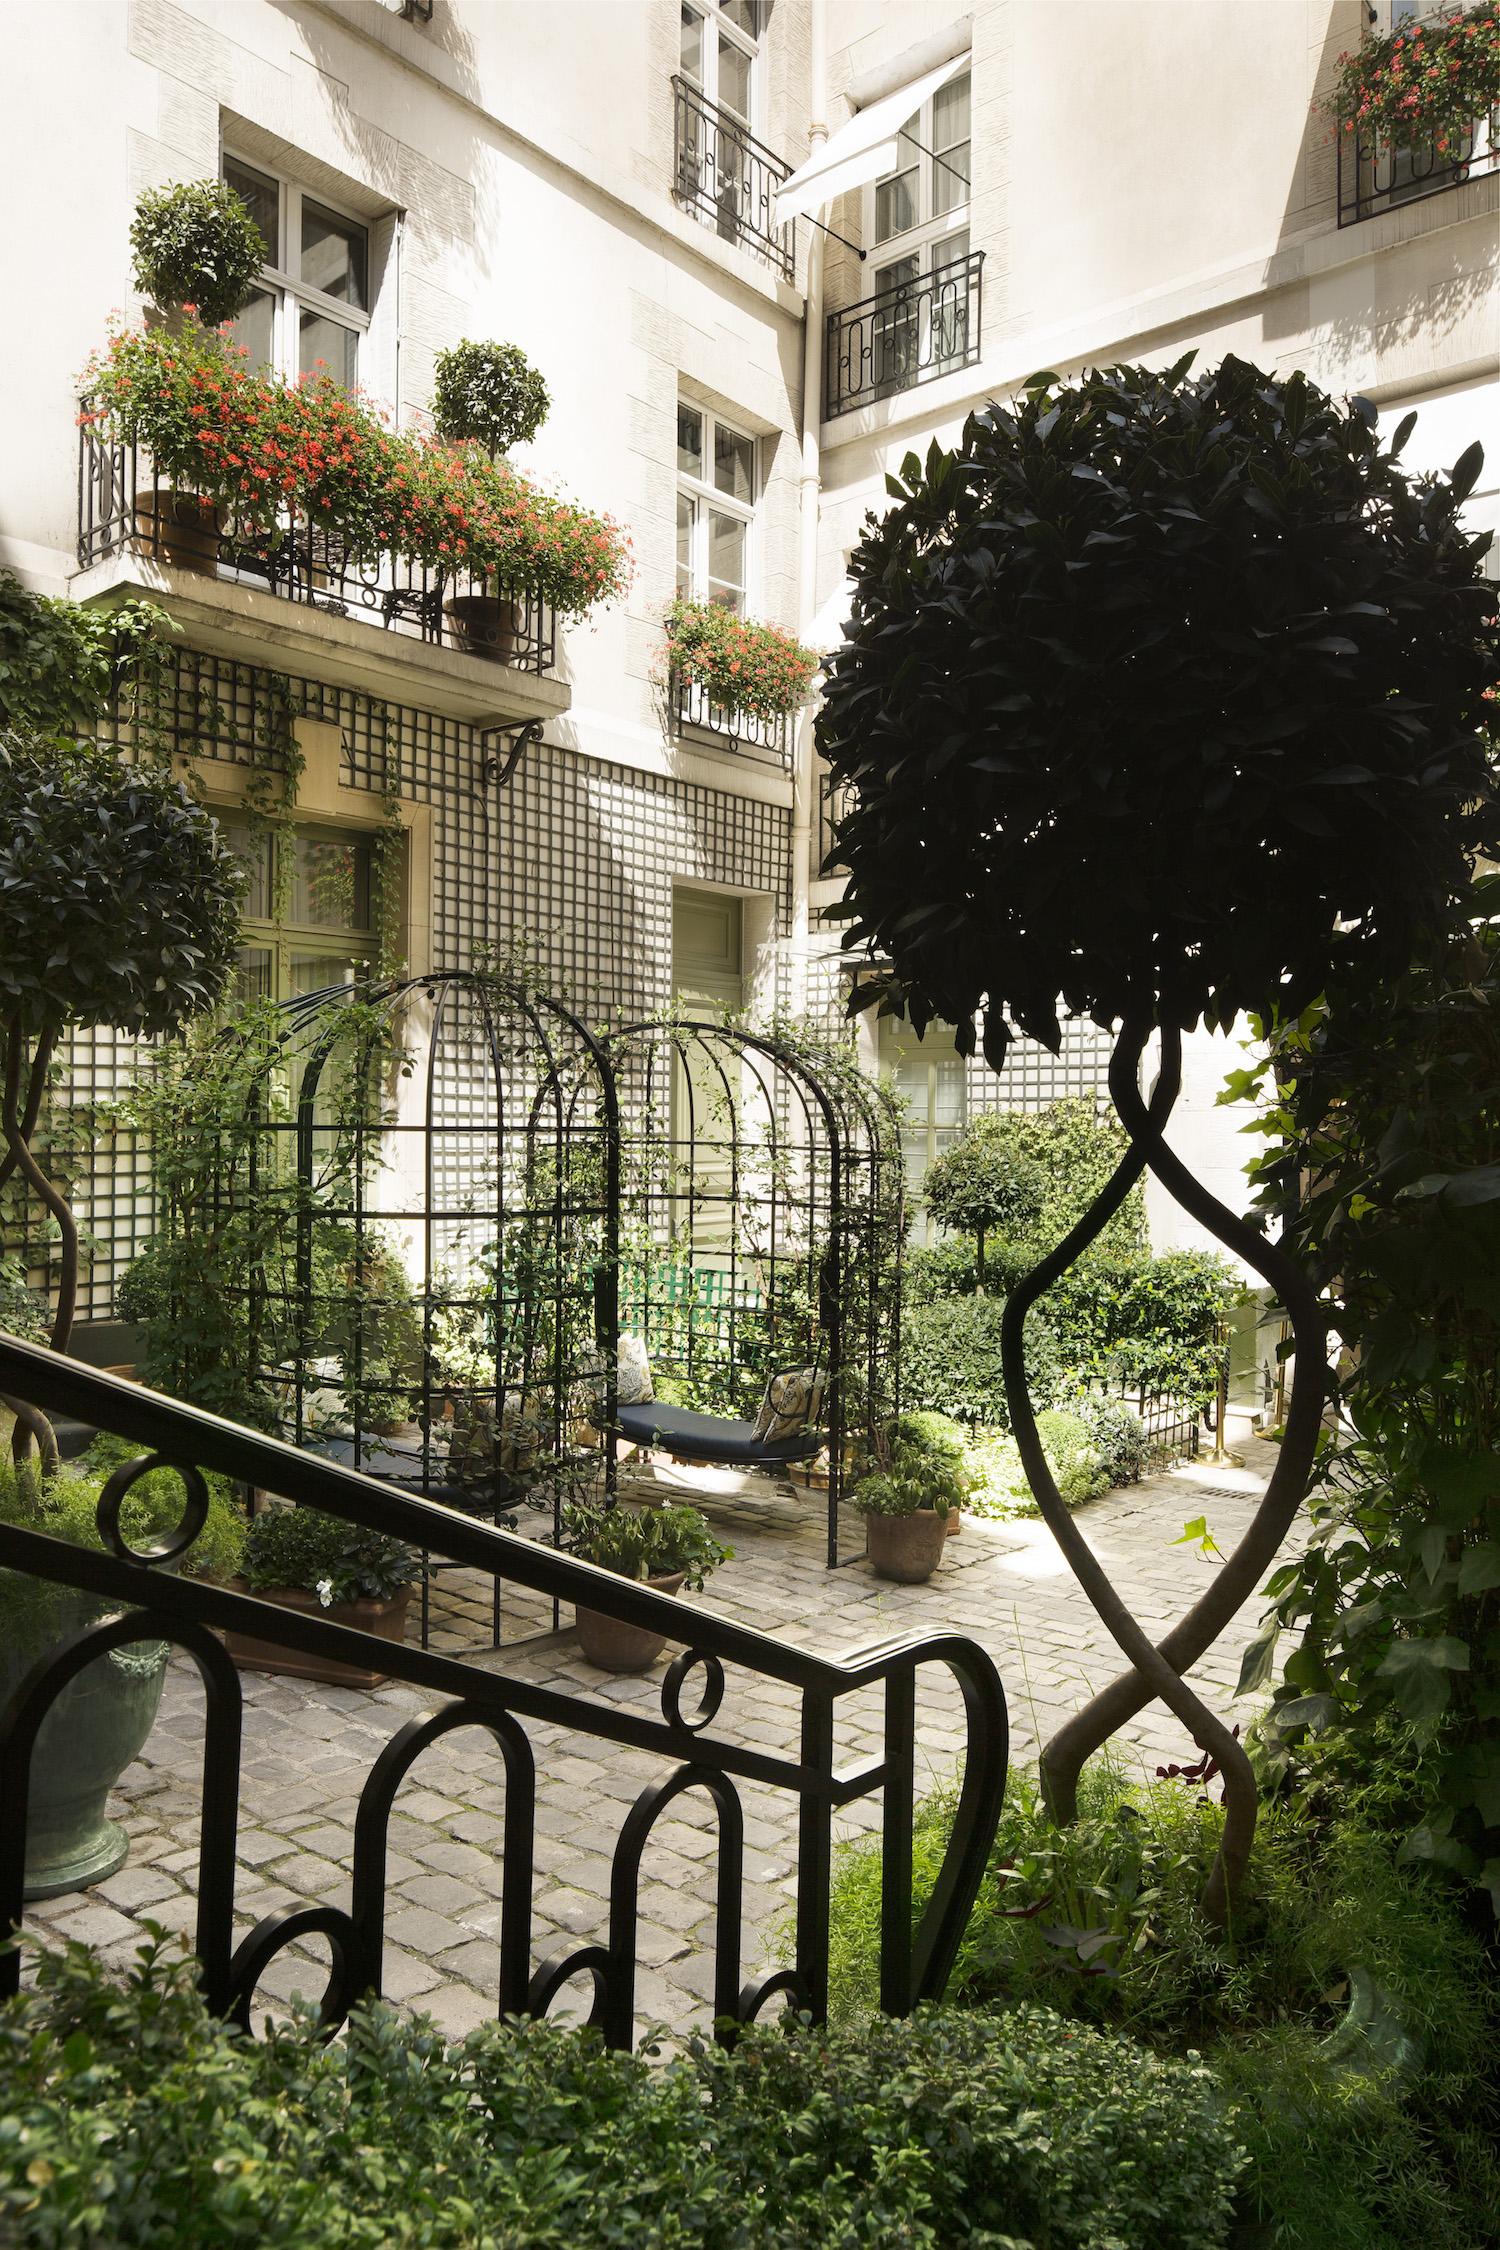 Relais Christine - Paris luxury hotel - travelling with kids - L'Île aux Fées